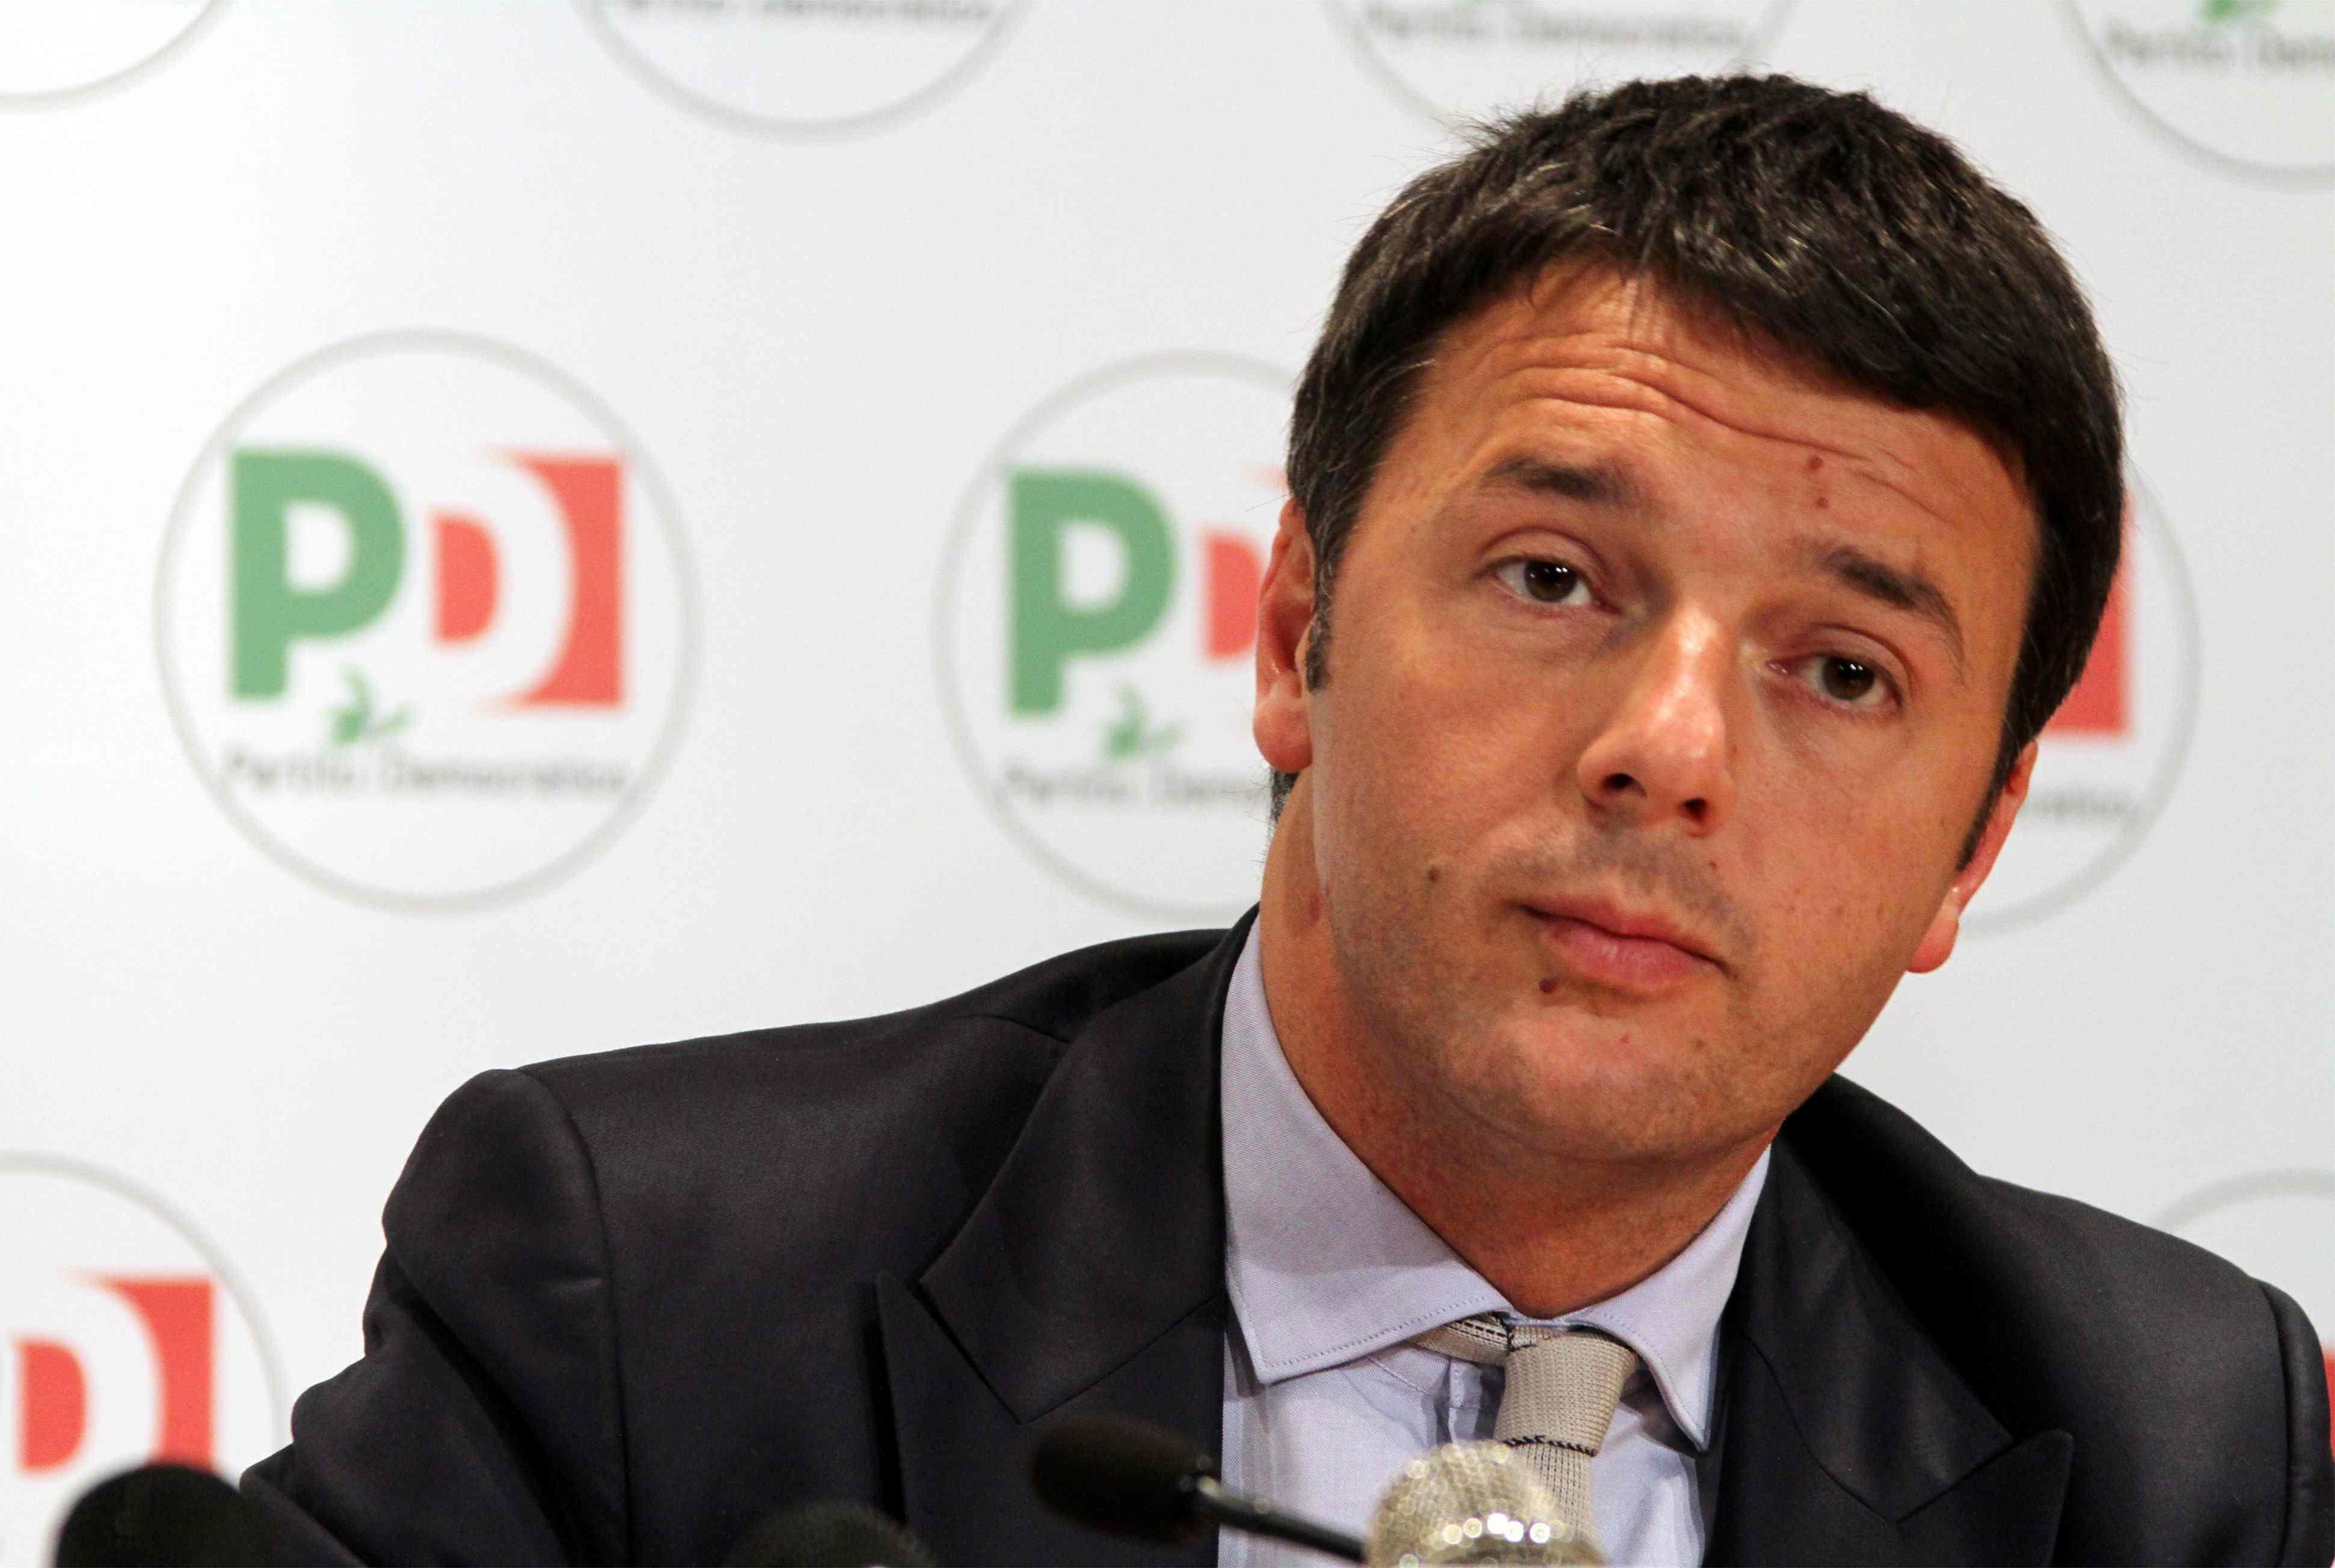 Imprenditori sostengono Renzi conmprando pagina del Corriere